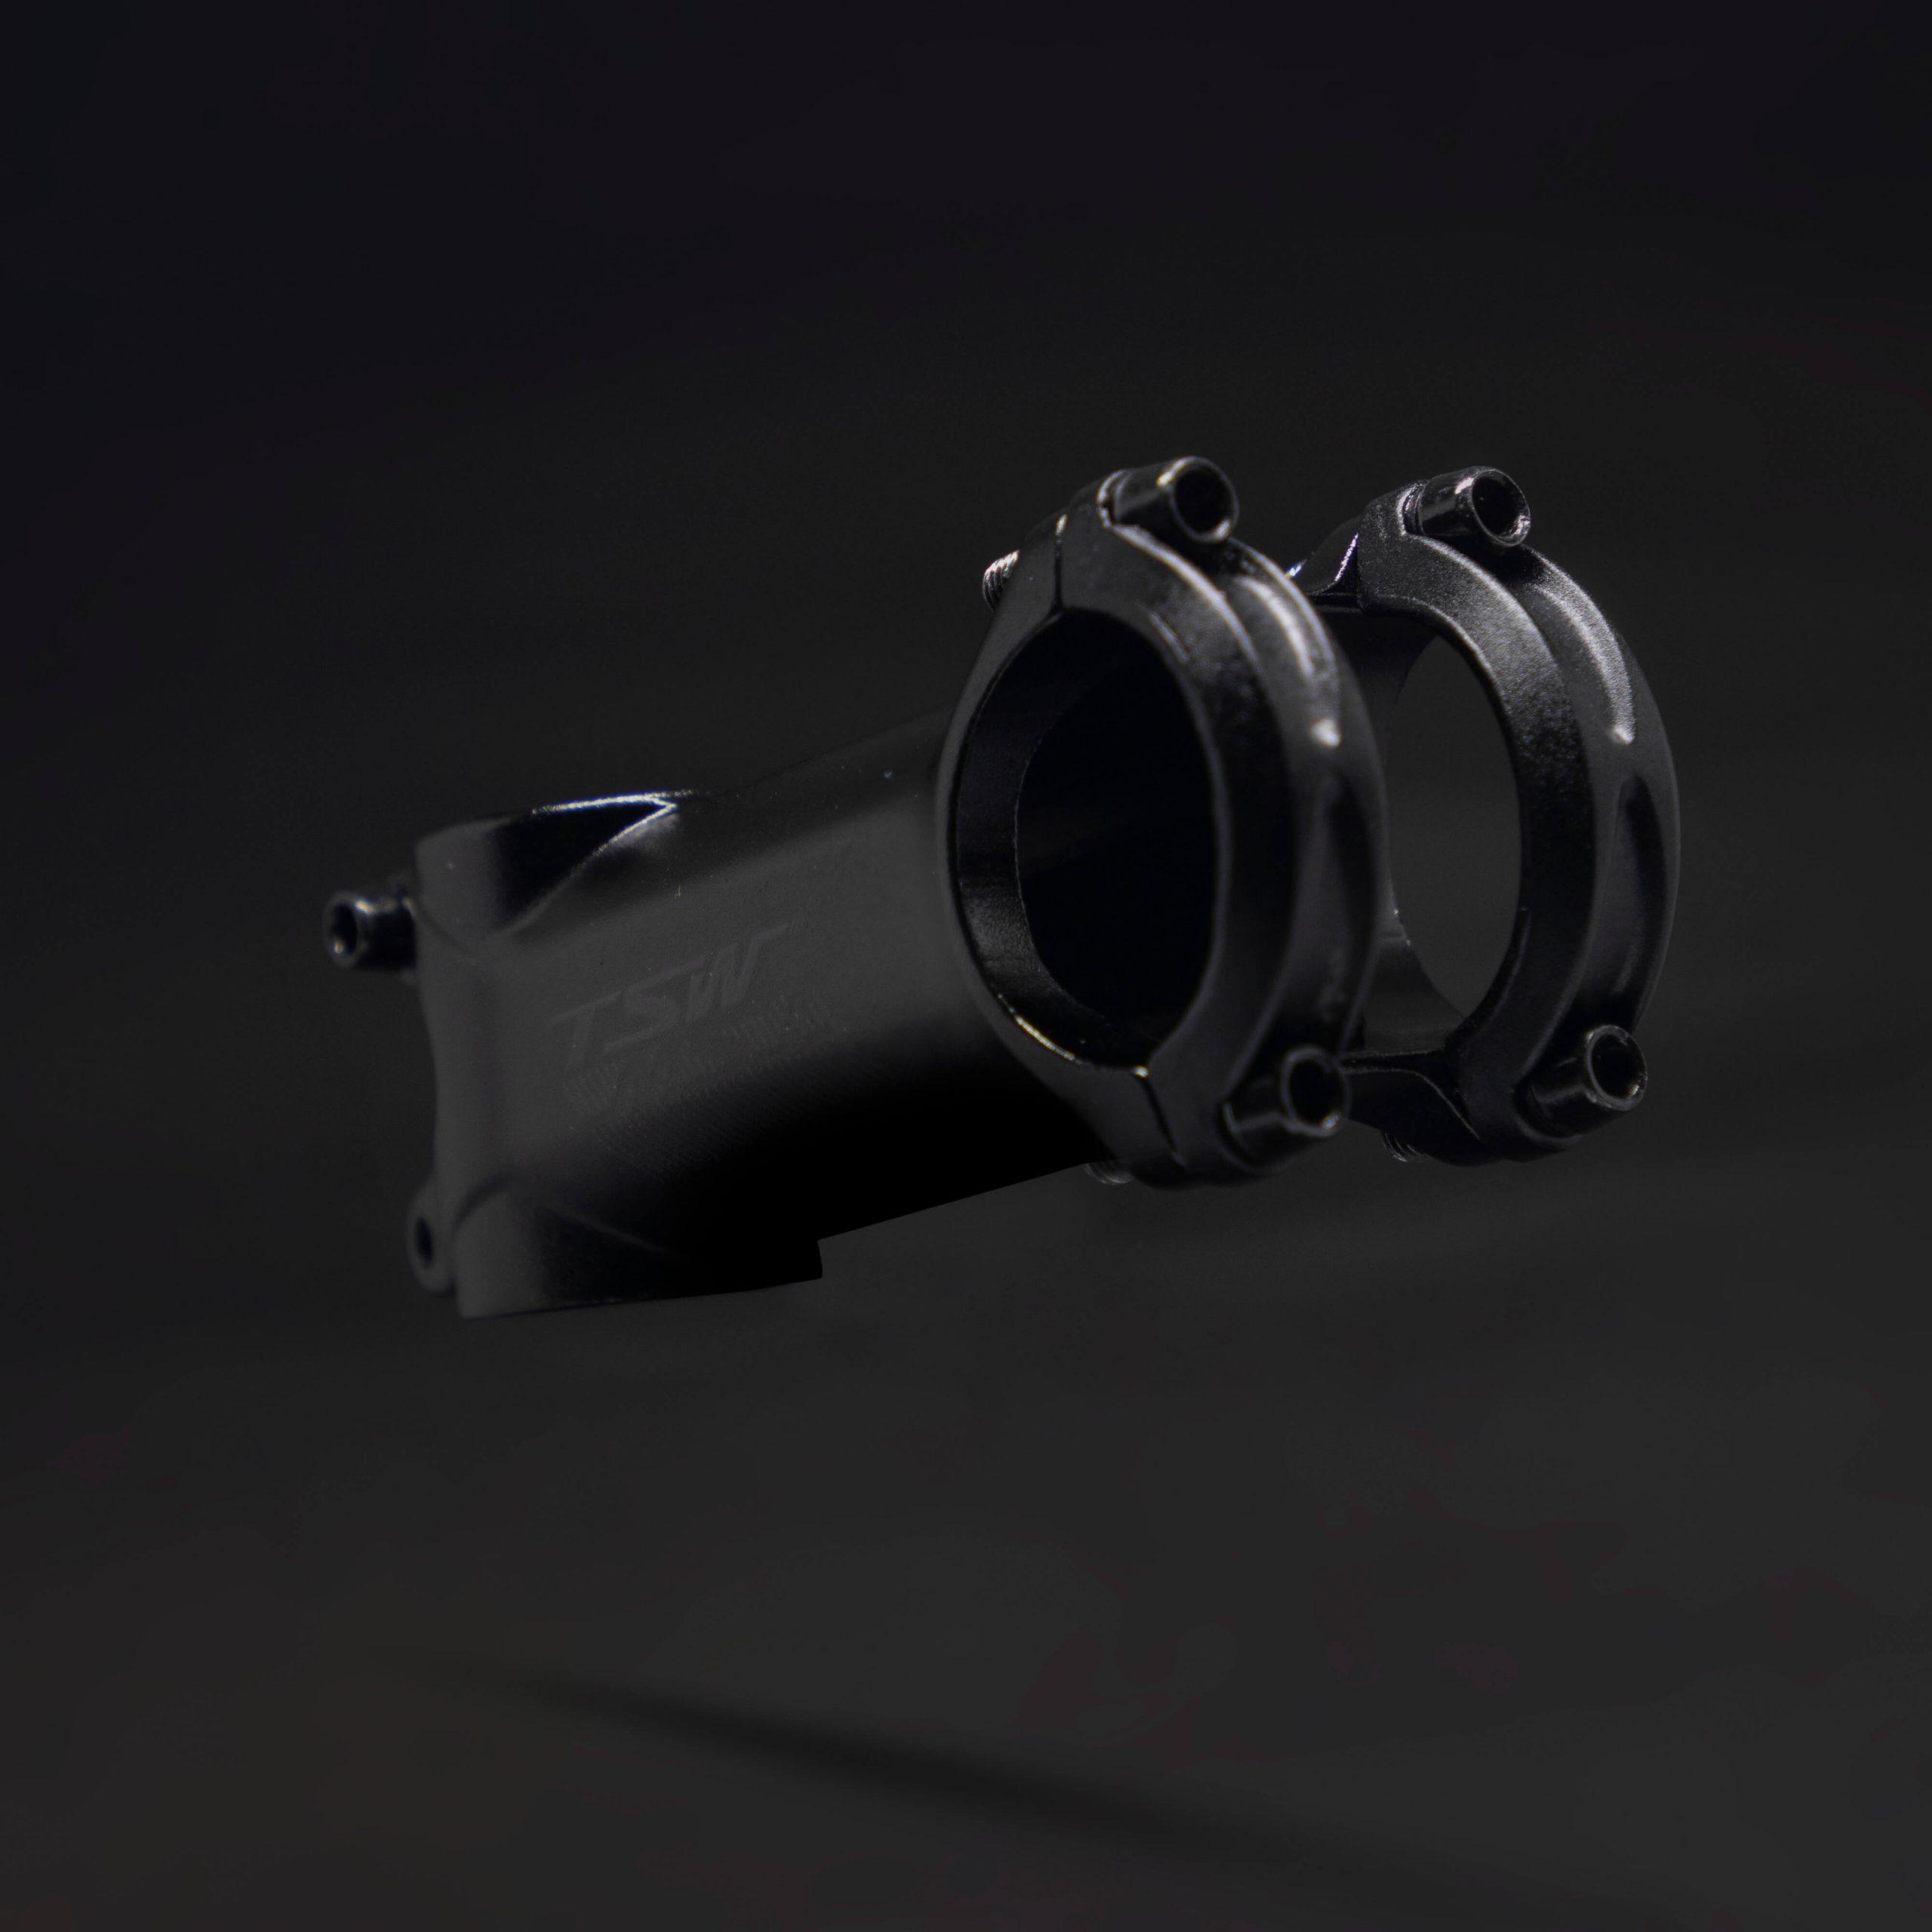 Suporte guidão TSW Black AHEAD 90mm 5